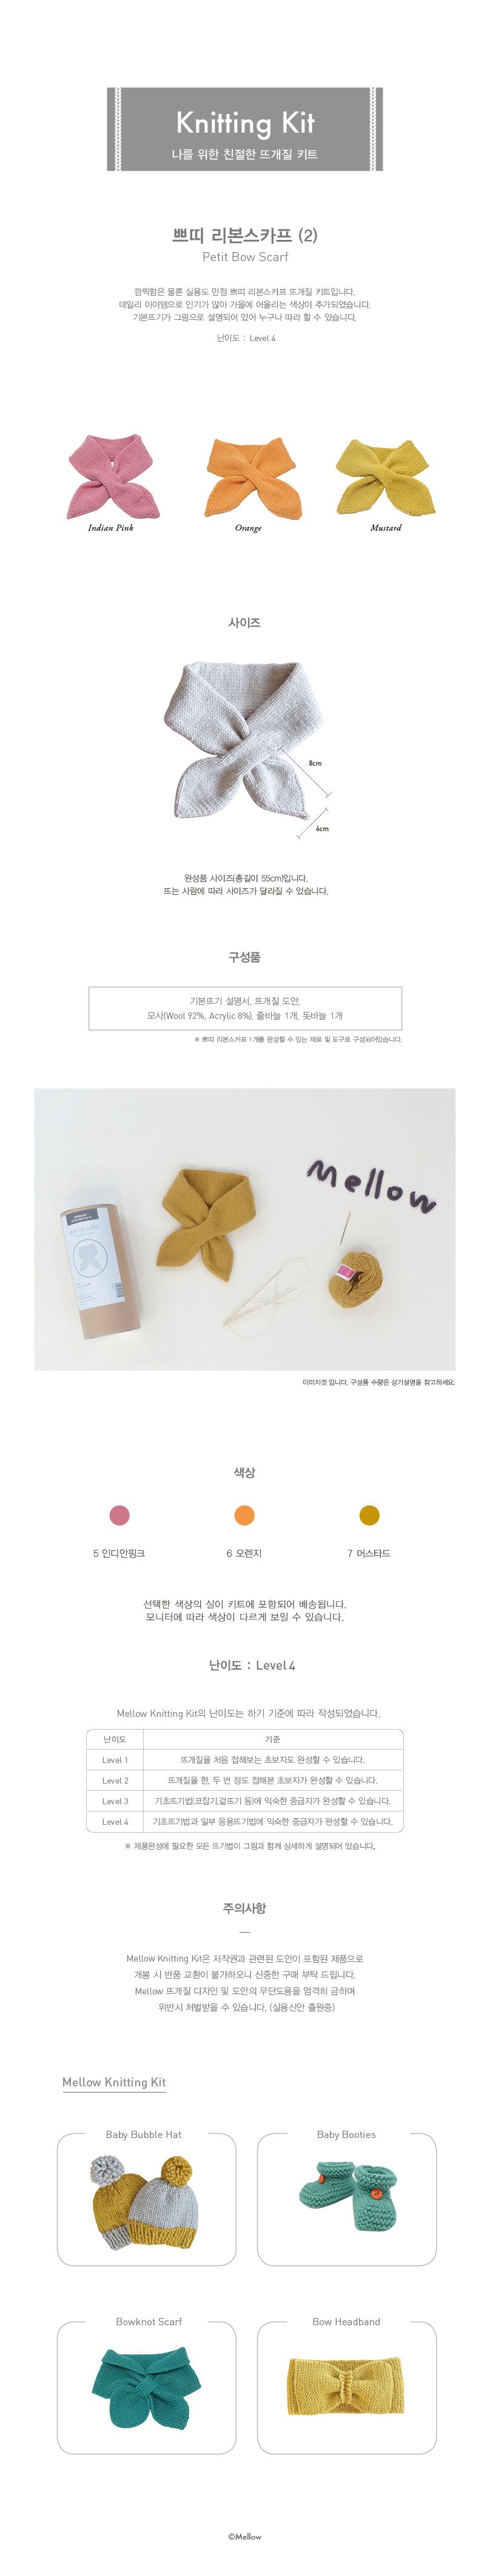 니팅키트 - 쁘띠 리본 스카프(2) - 멜로우, 15,000원, DIY아기용품, DIY아기용품